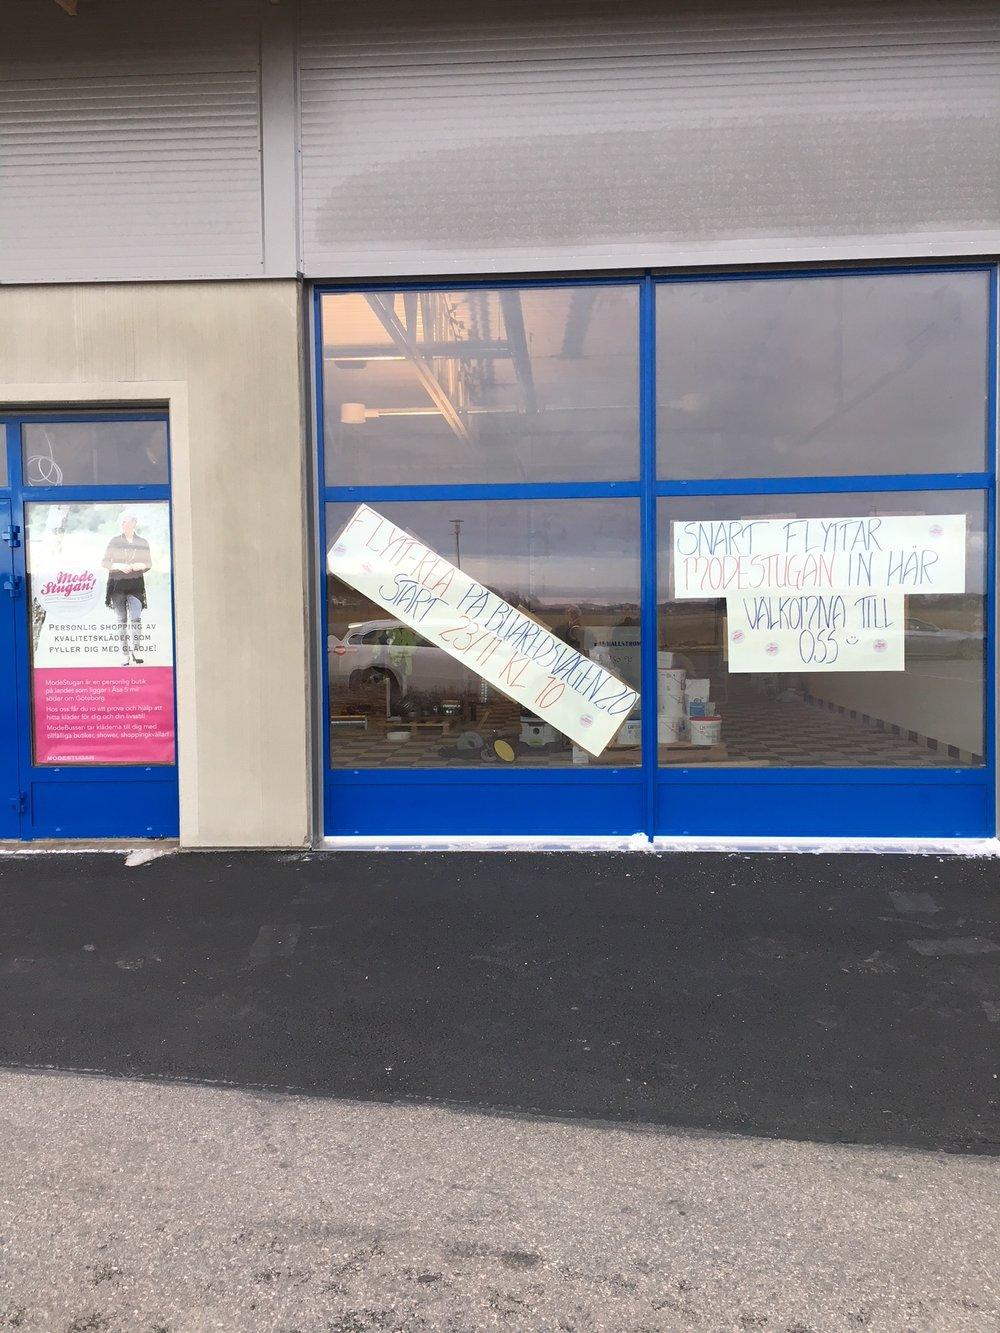 Igår skyltade vi upp om vår REA nere i nya butikens skyltfönster. Tänk att vi i slutet av januari början på februari kommer att finna här nere :) En härlig känsla att få ta emot er fina kunder nere i Åsa.